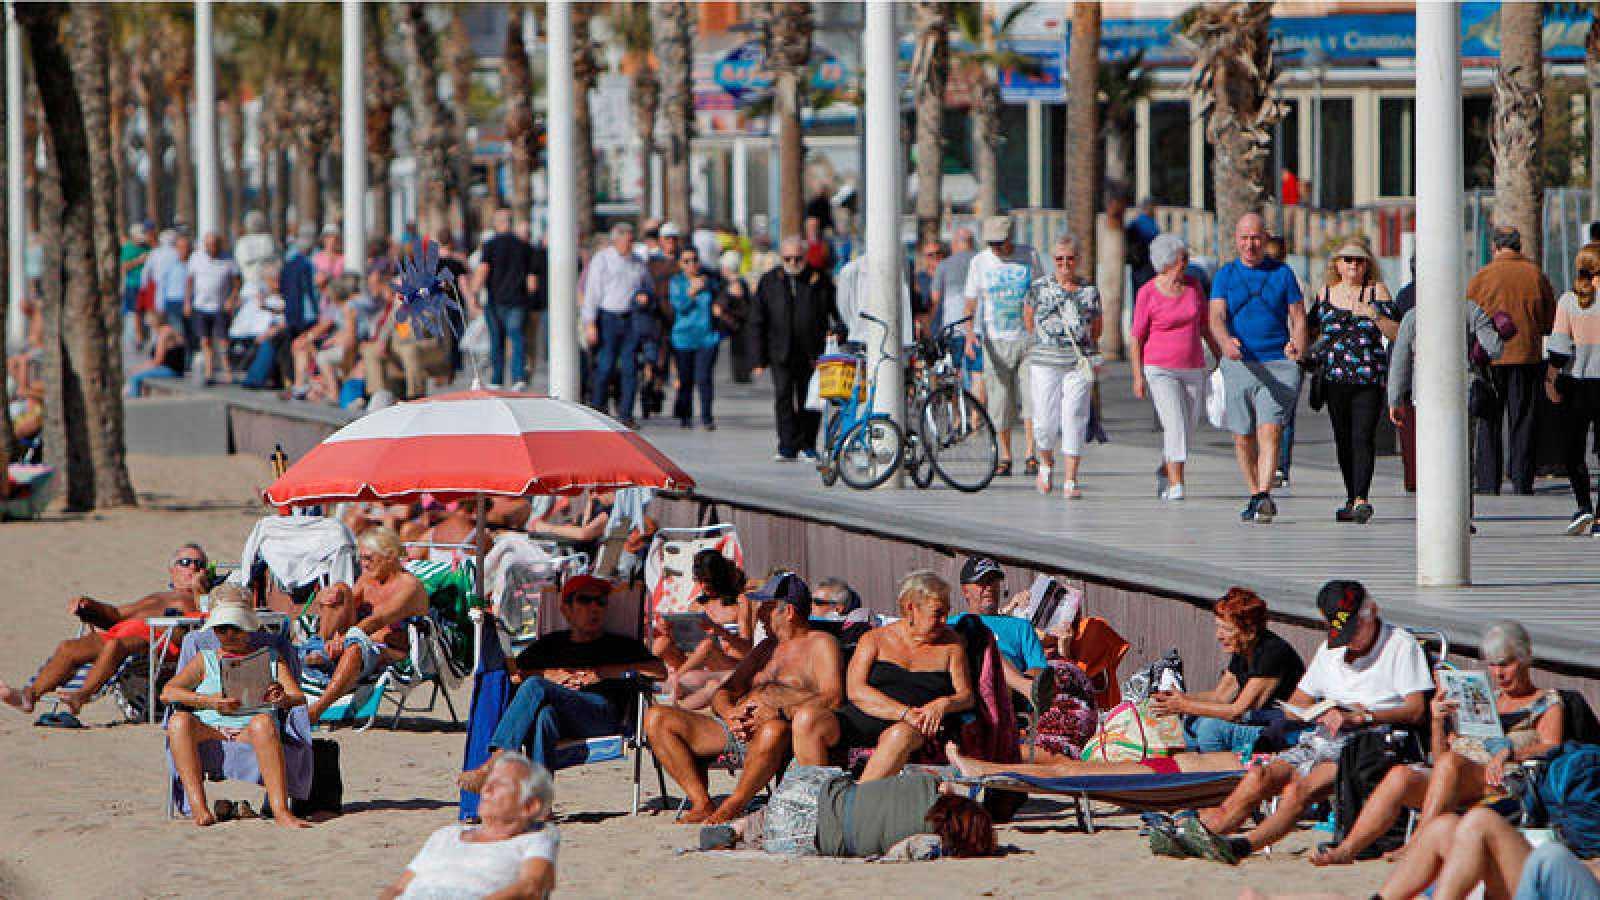 Turistas disfrutando del sol y de la playa de Benidorm